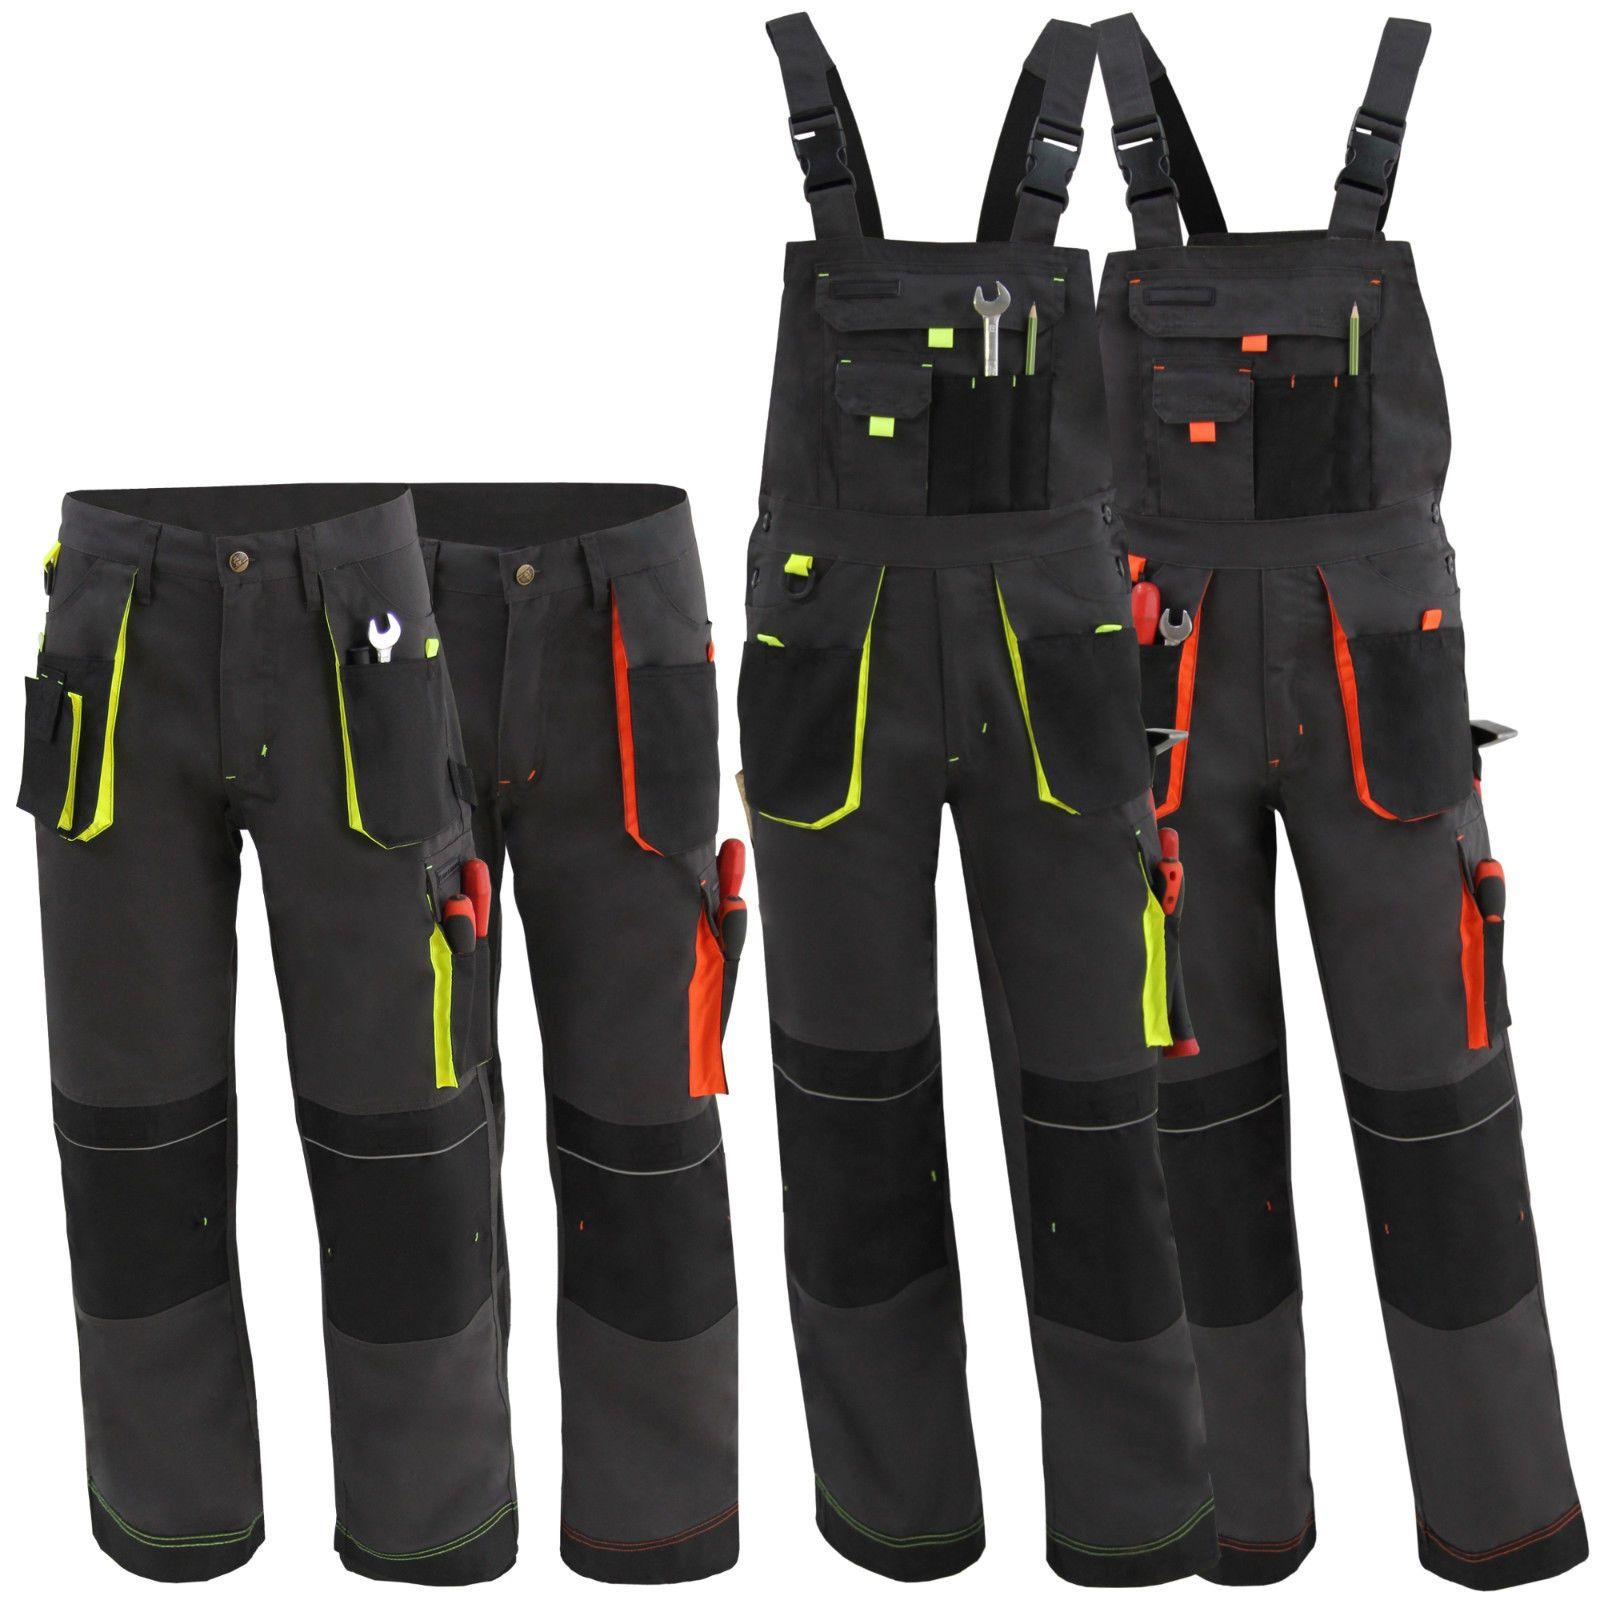 Ab 16 99 Bundhose Arbeitshose Arbeitslatzhose Neon Arbeitsbekleidung Arbeitshosen Arbeitsbekleidung Hosen